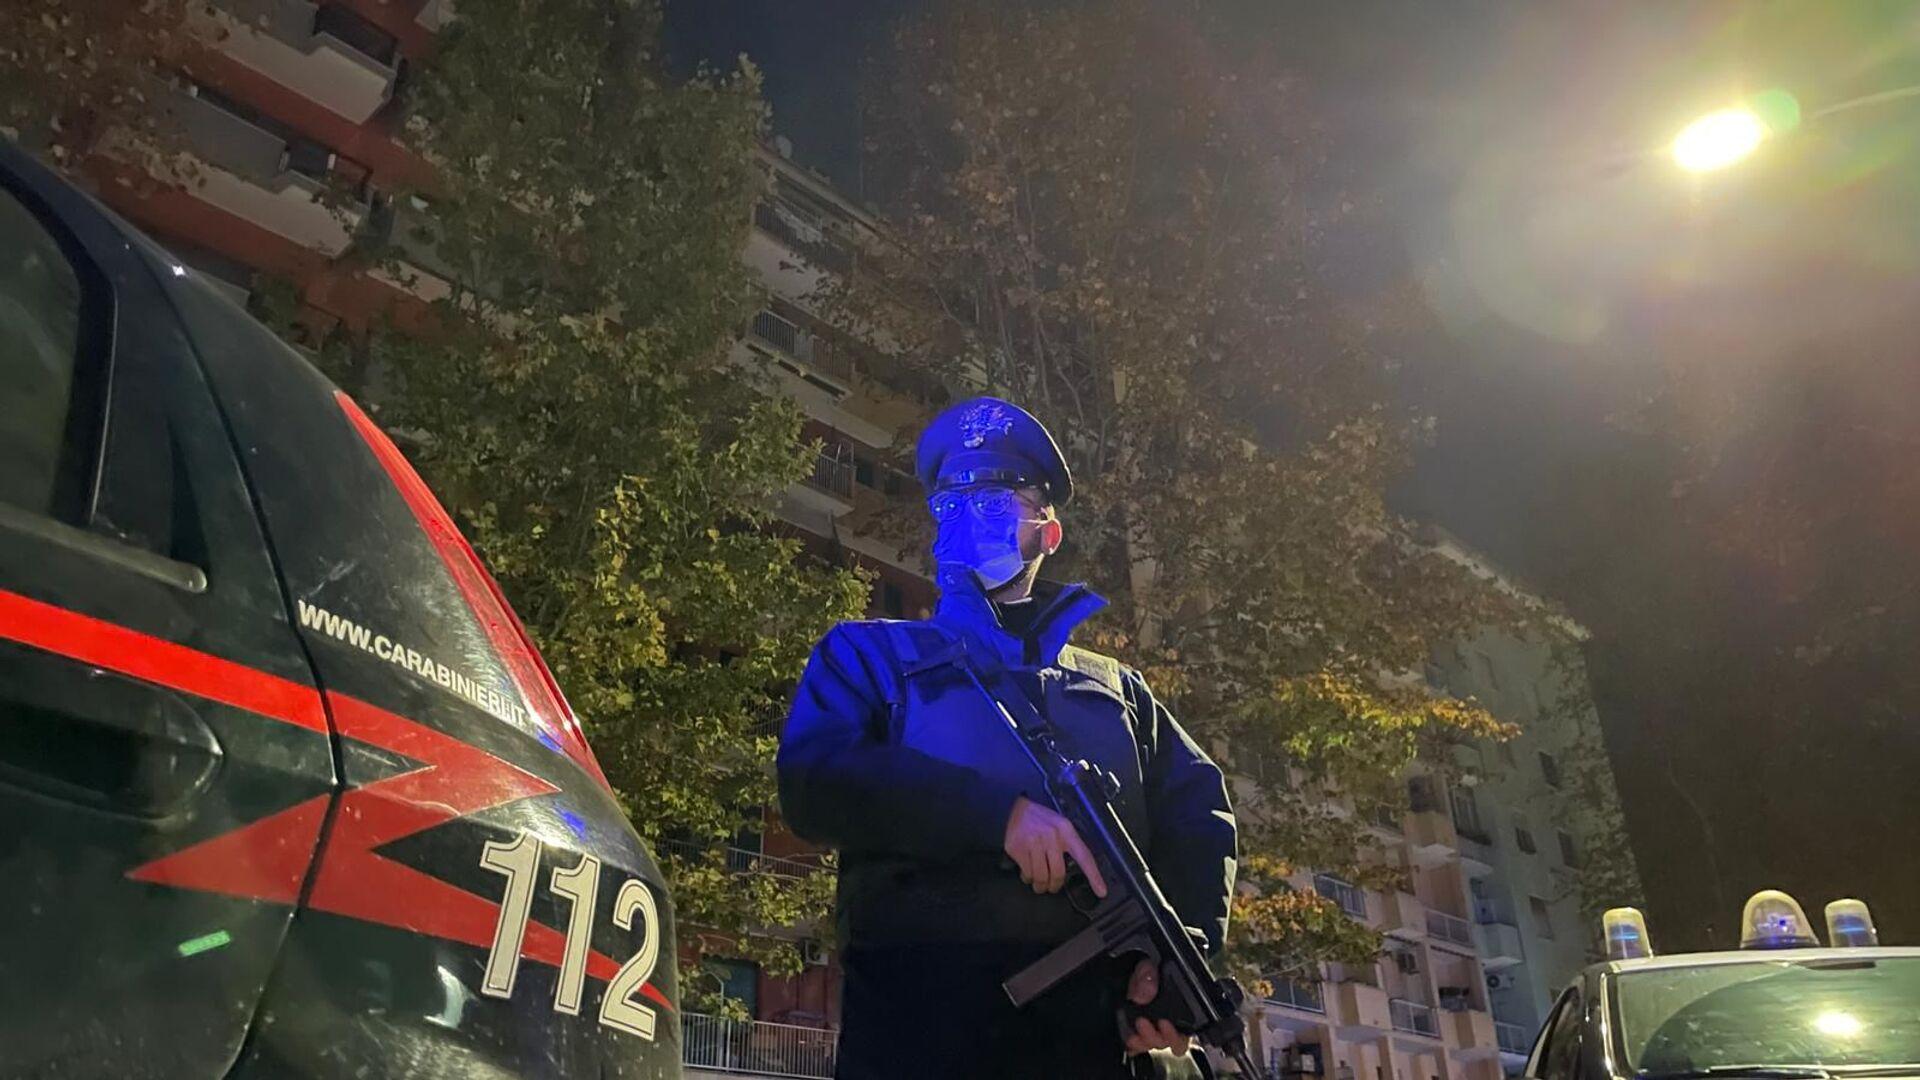 Operazione dei Carabinieri contro il cartello della droga della Camorra a Roma - Sputnik Italia, 1920, 20.04.2021